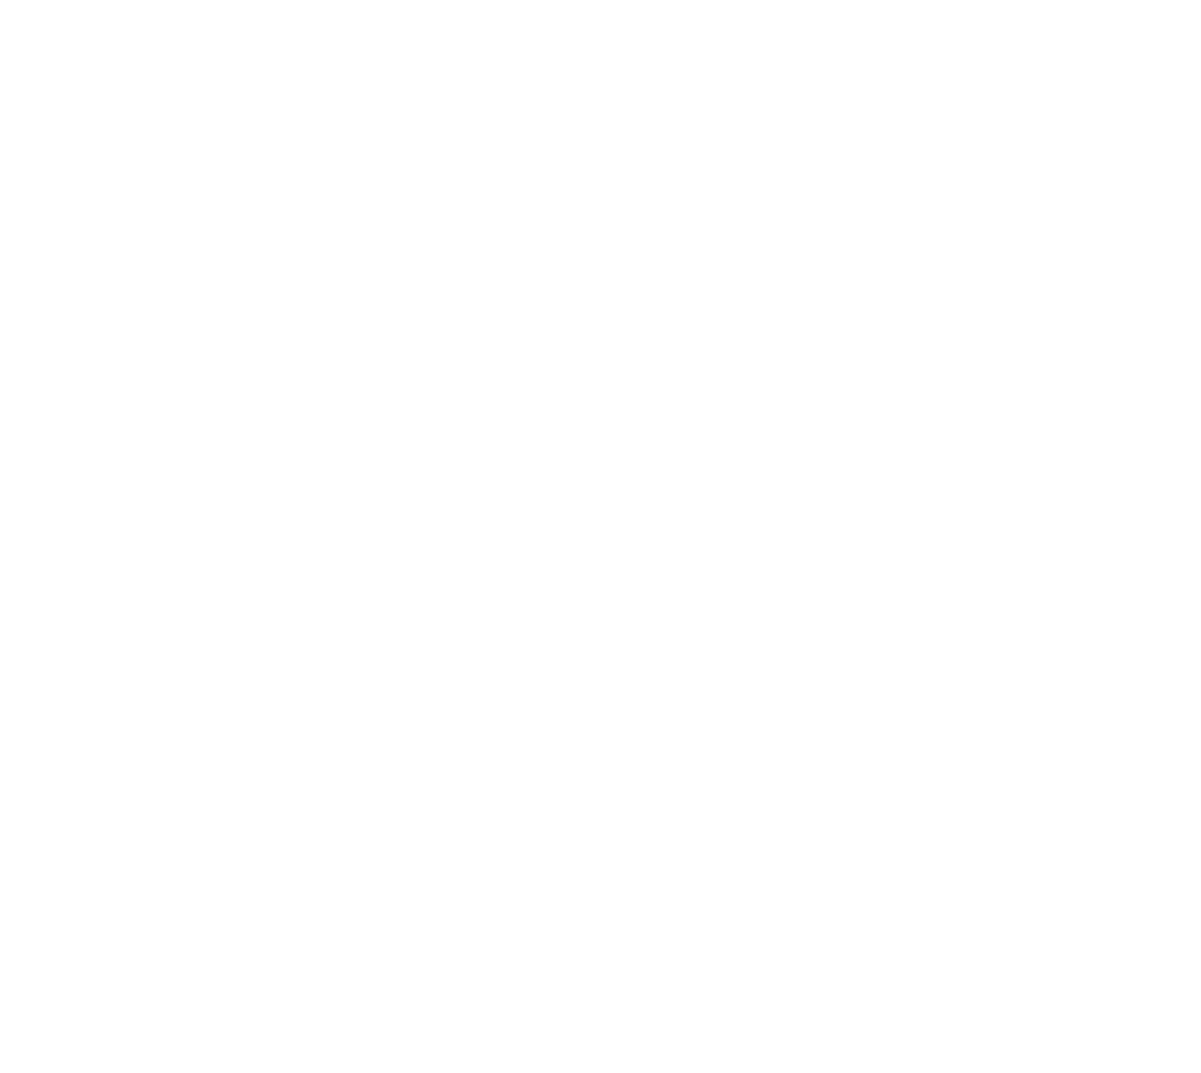 White_Billing Audit-2